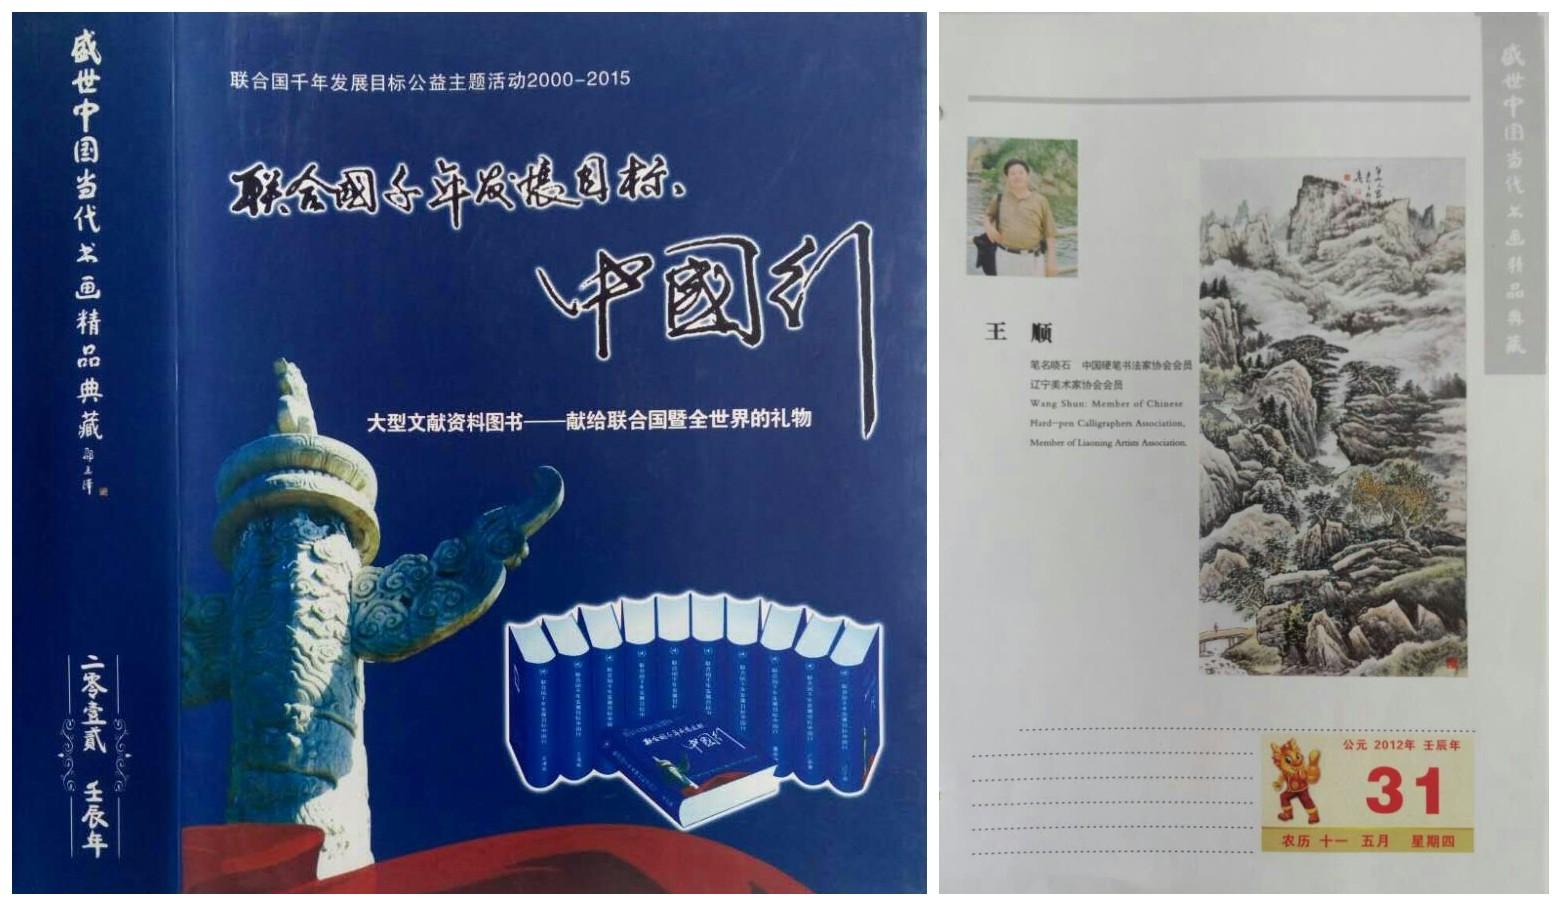 盛世中国当代书画精品典藏